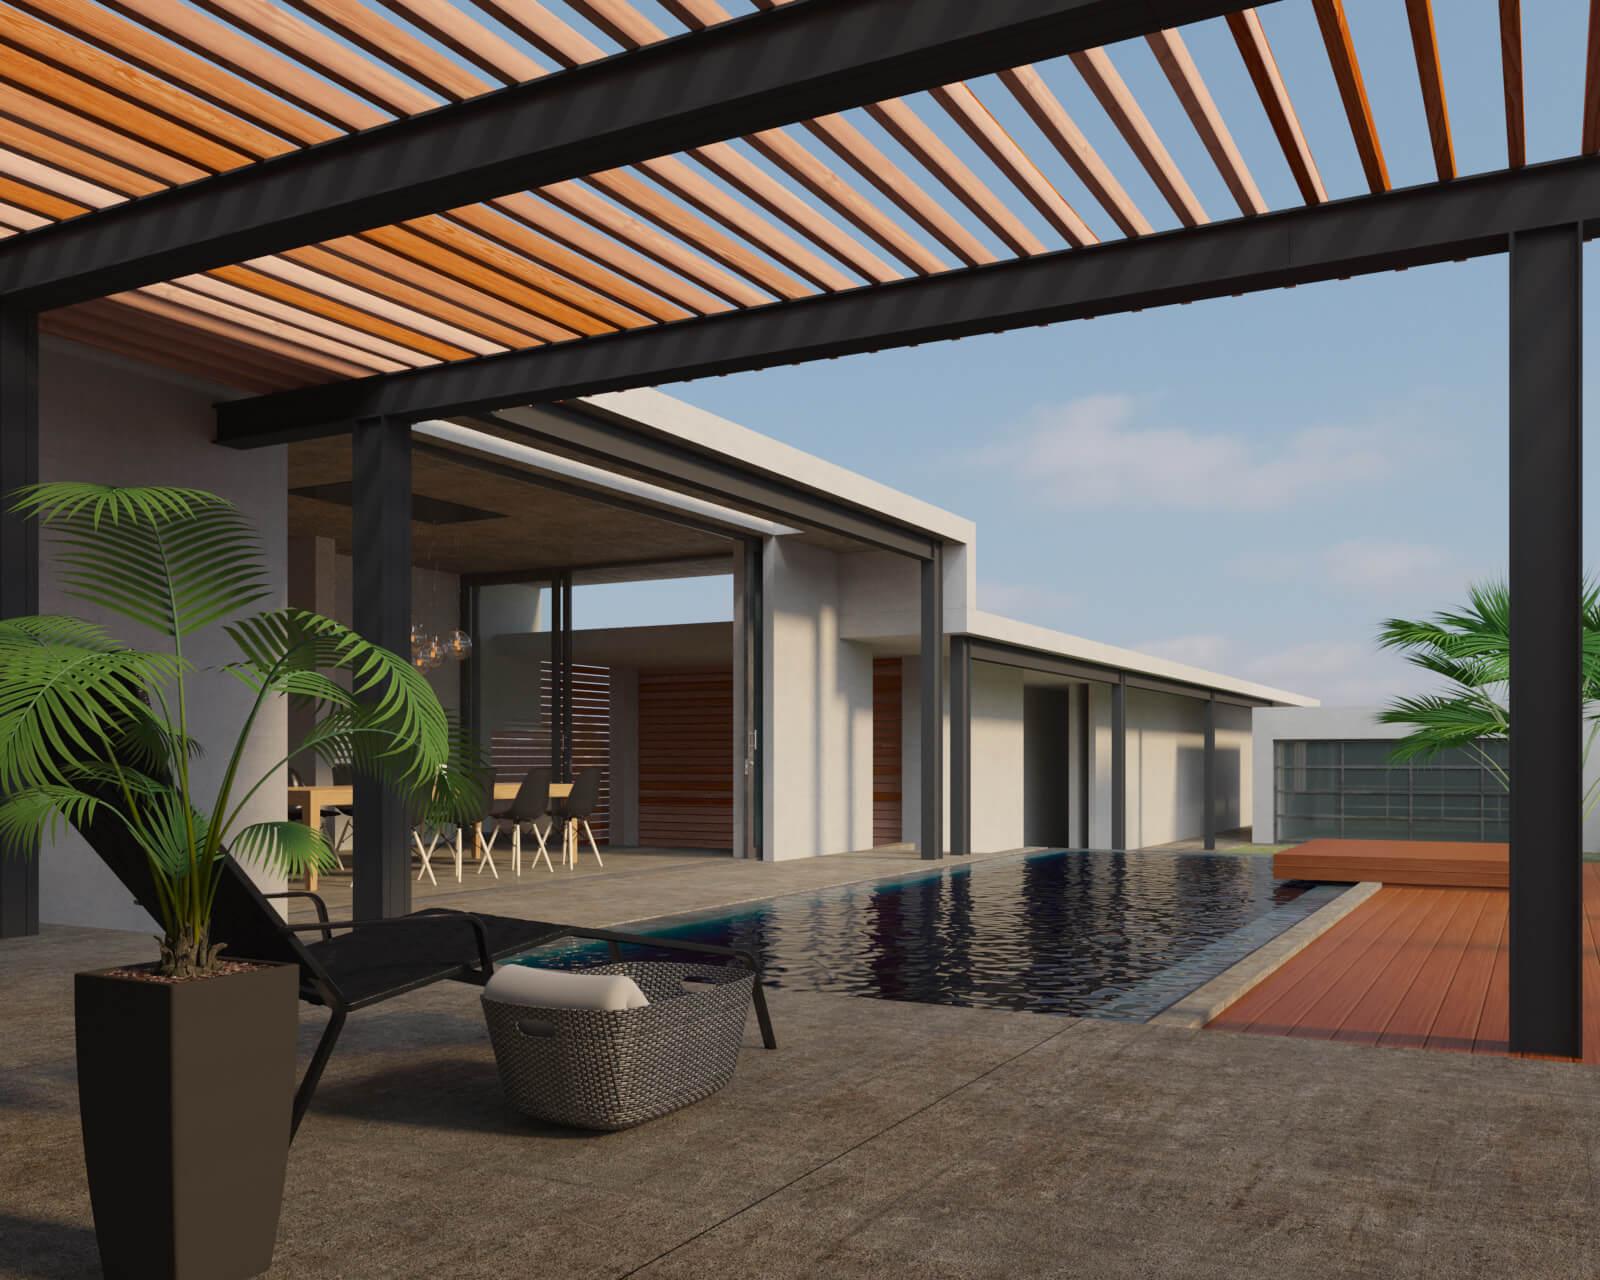 """""""เอสซีจี"""" แนะนำไอเดียเติมเสน่ห์ให้บ้านสวยใกล้ชิดธรรมชาติ  ตกแต่ง 3 พื้นที่ของบ้าน ด้วยการใช้ไม้สังเคราะห์ไฟเบอร์ซีเมนต์ 2 - SCG (เอสซีจี)"""